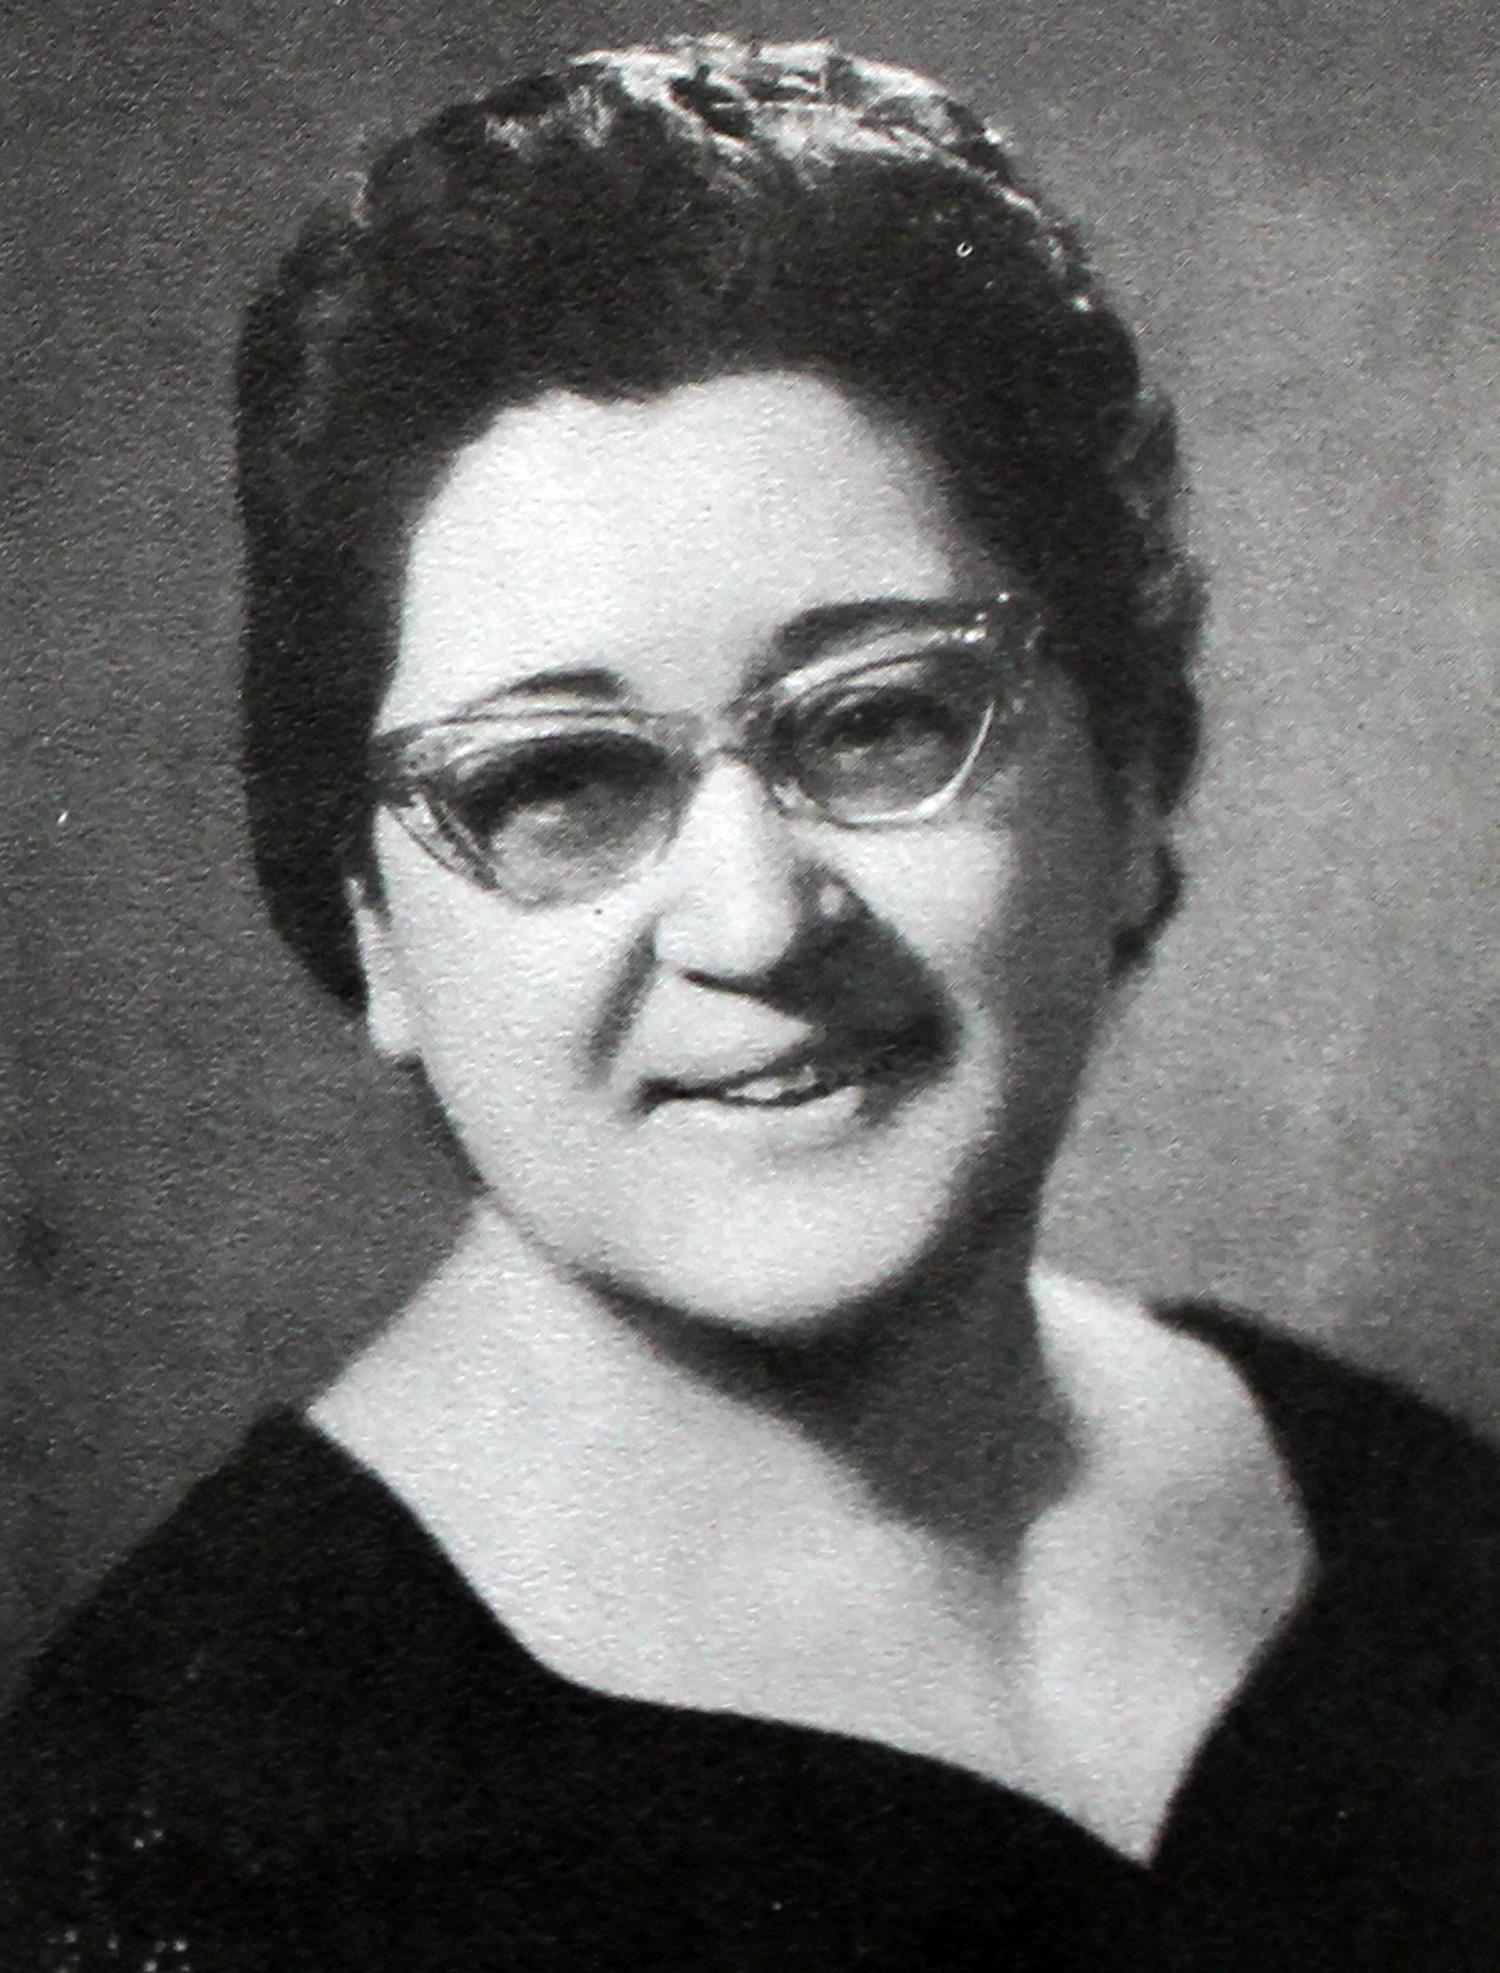 Dean of Women (1965-1967)